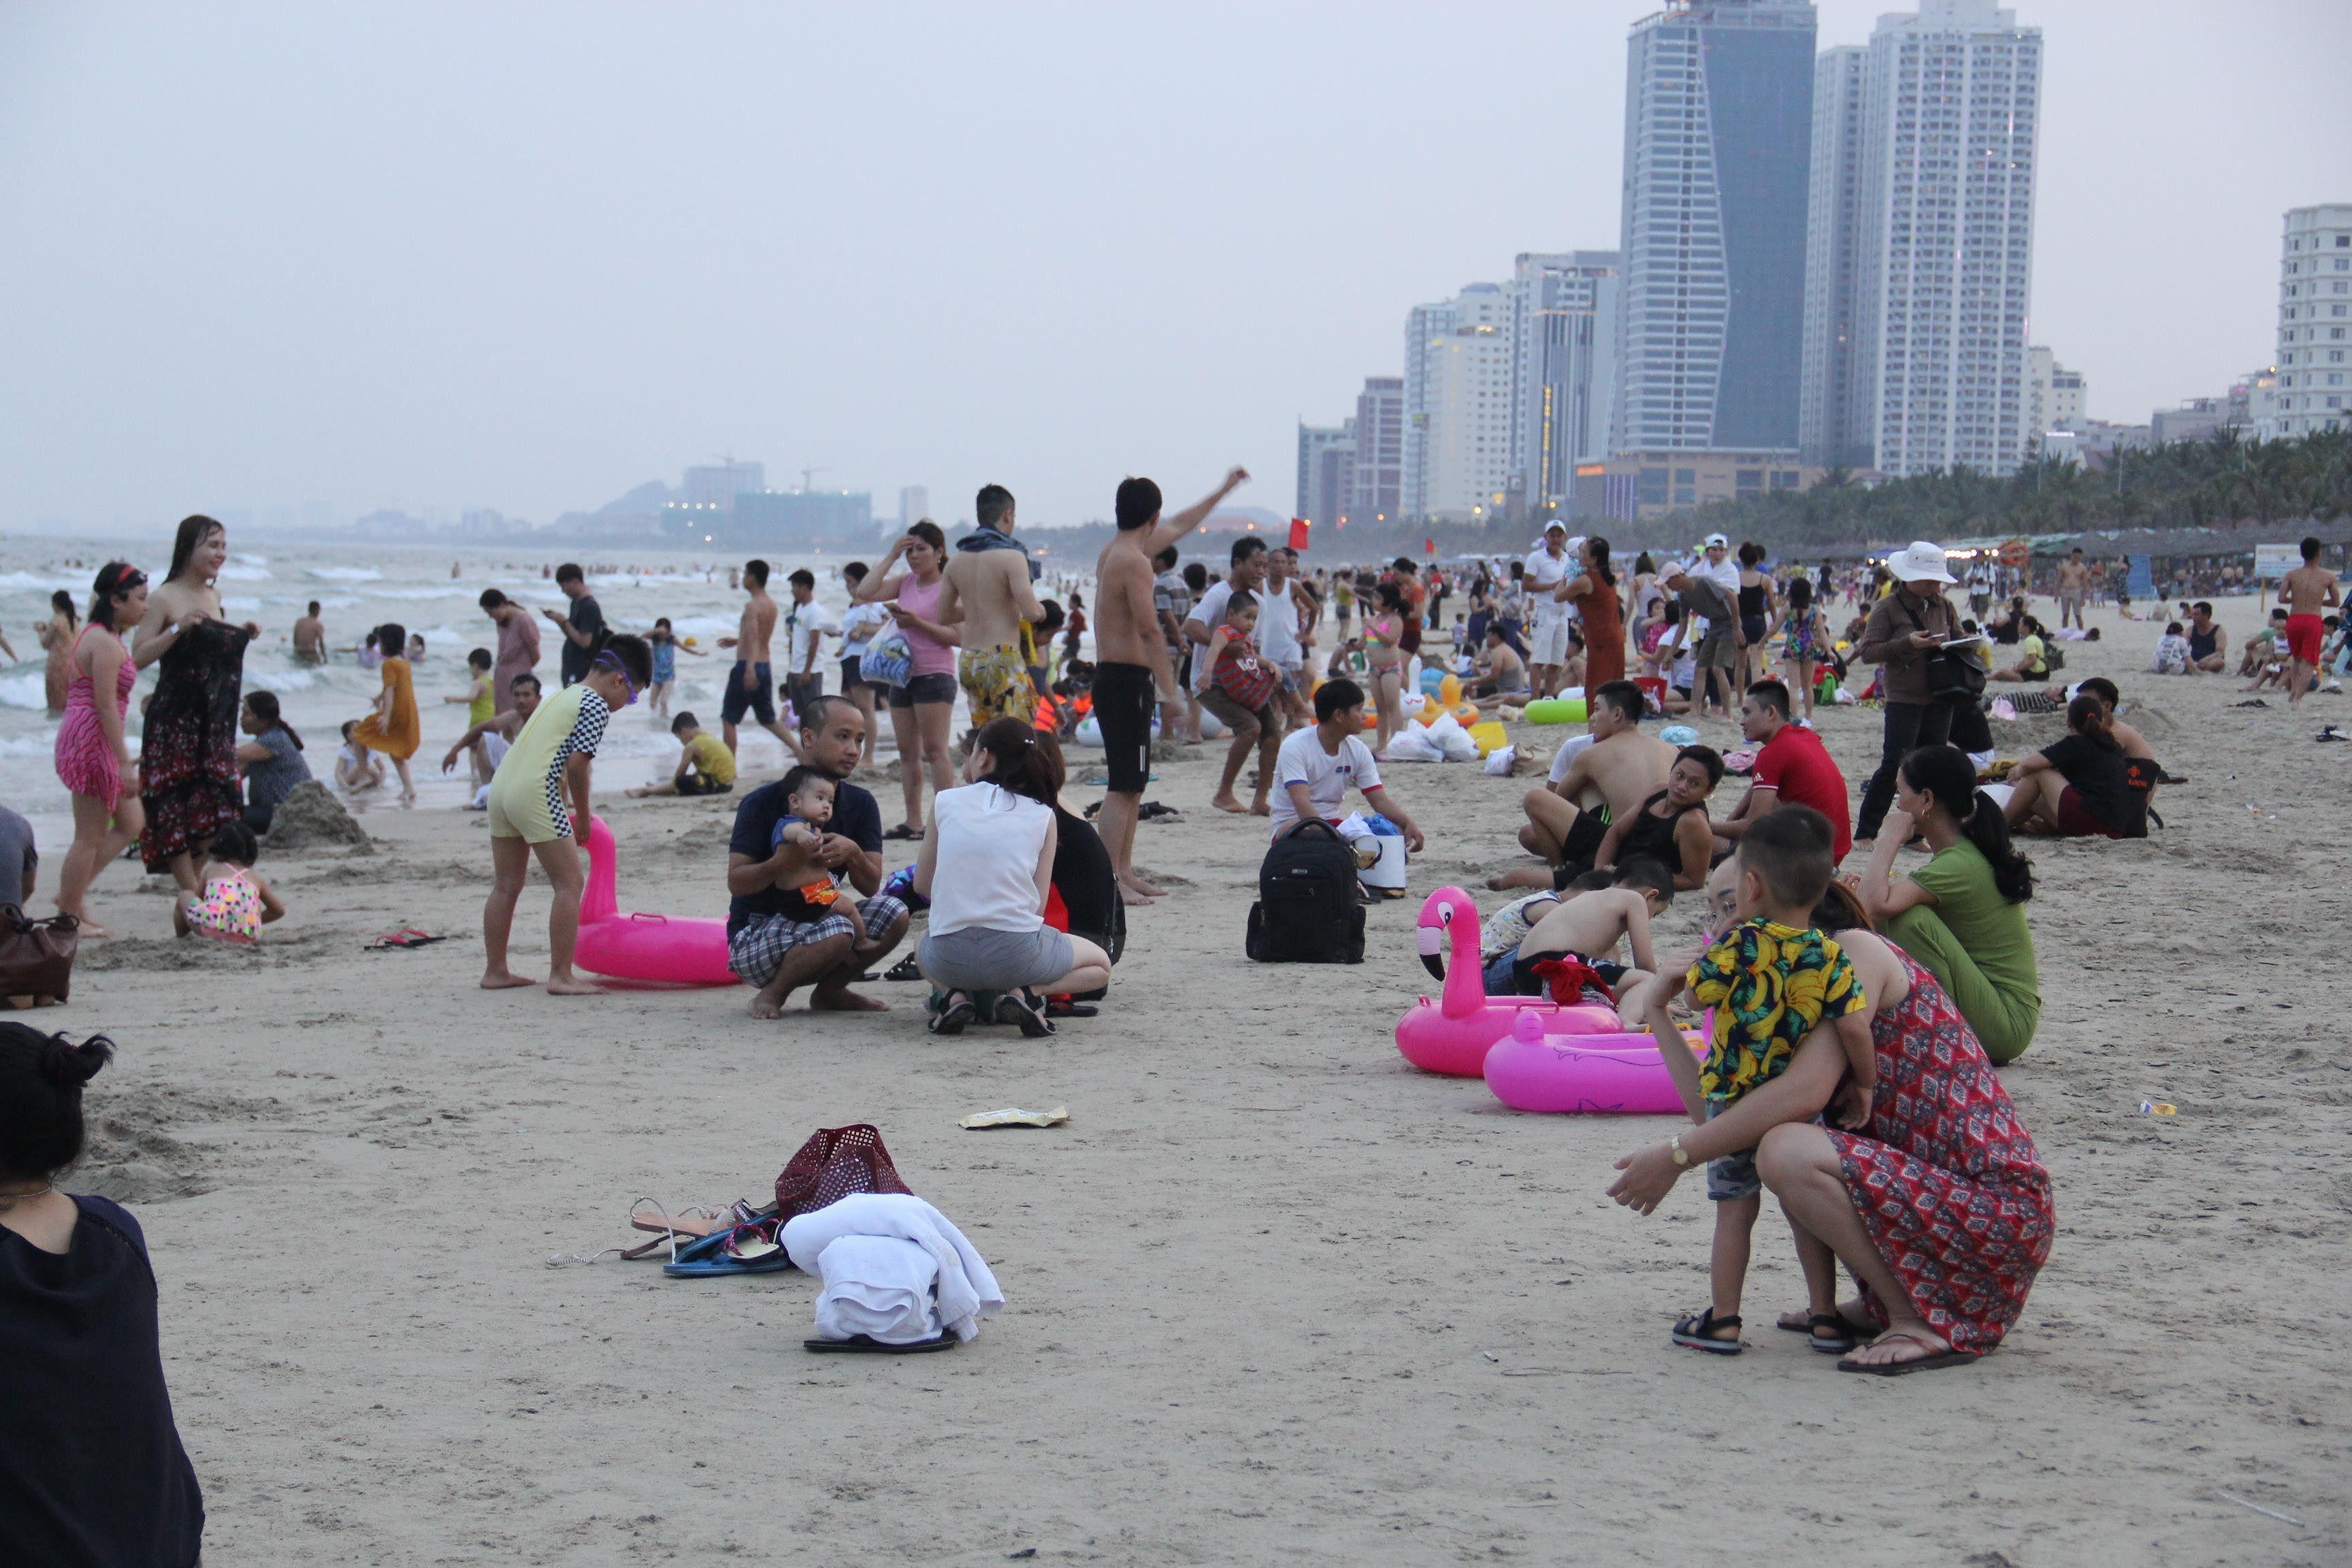 Hàng ngàn du khách đổ về bãi biển 'đẹp nhất hành tinh' Đà Nẵng Ảnh 3